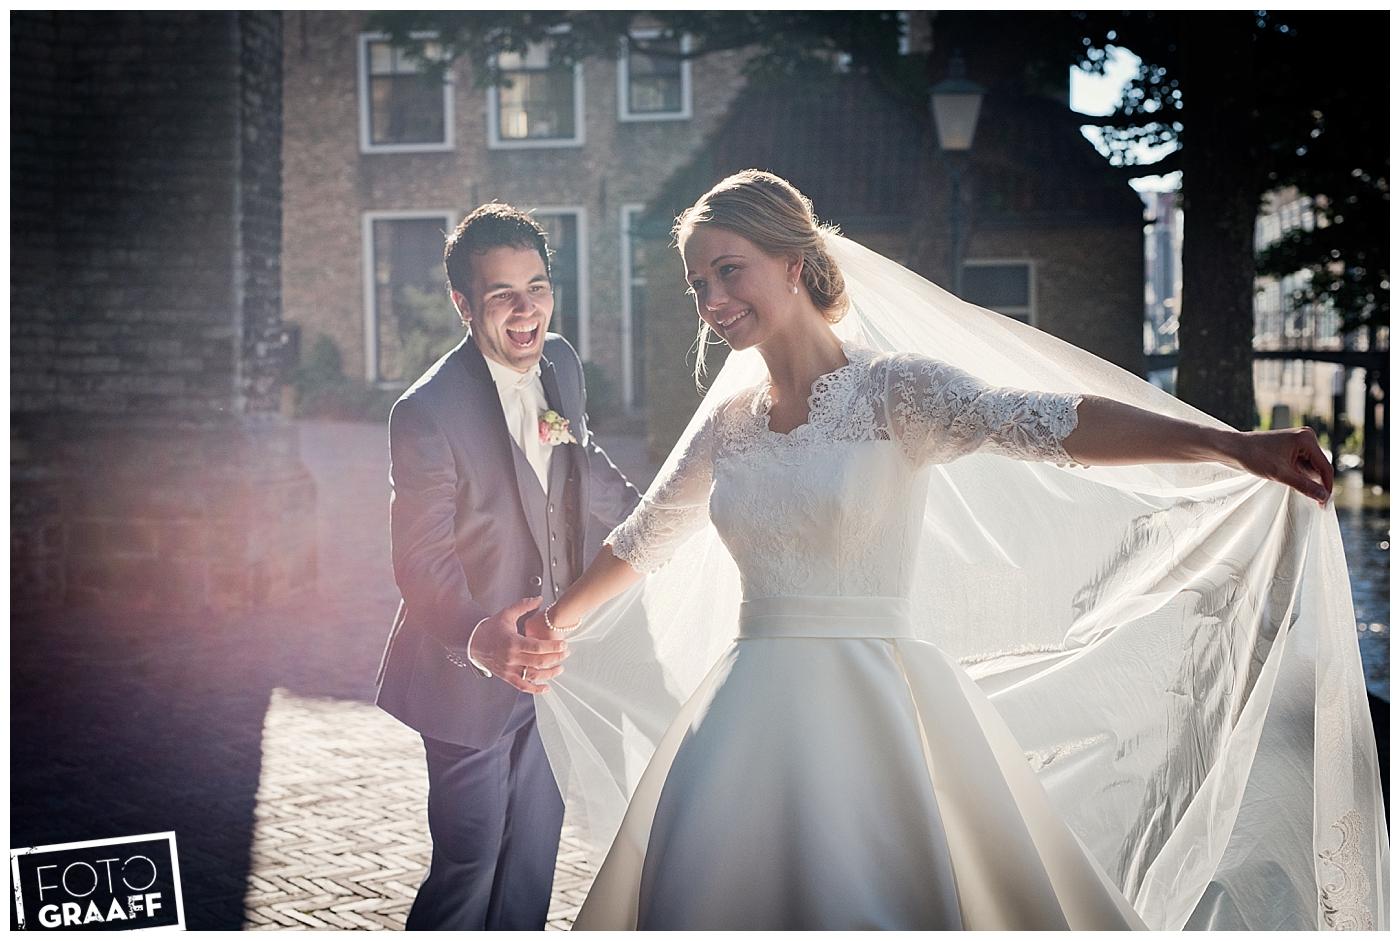 bruidsfotografie dordrecht Jaco & Marjolein_0179